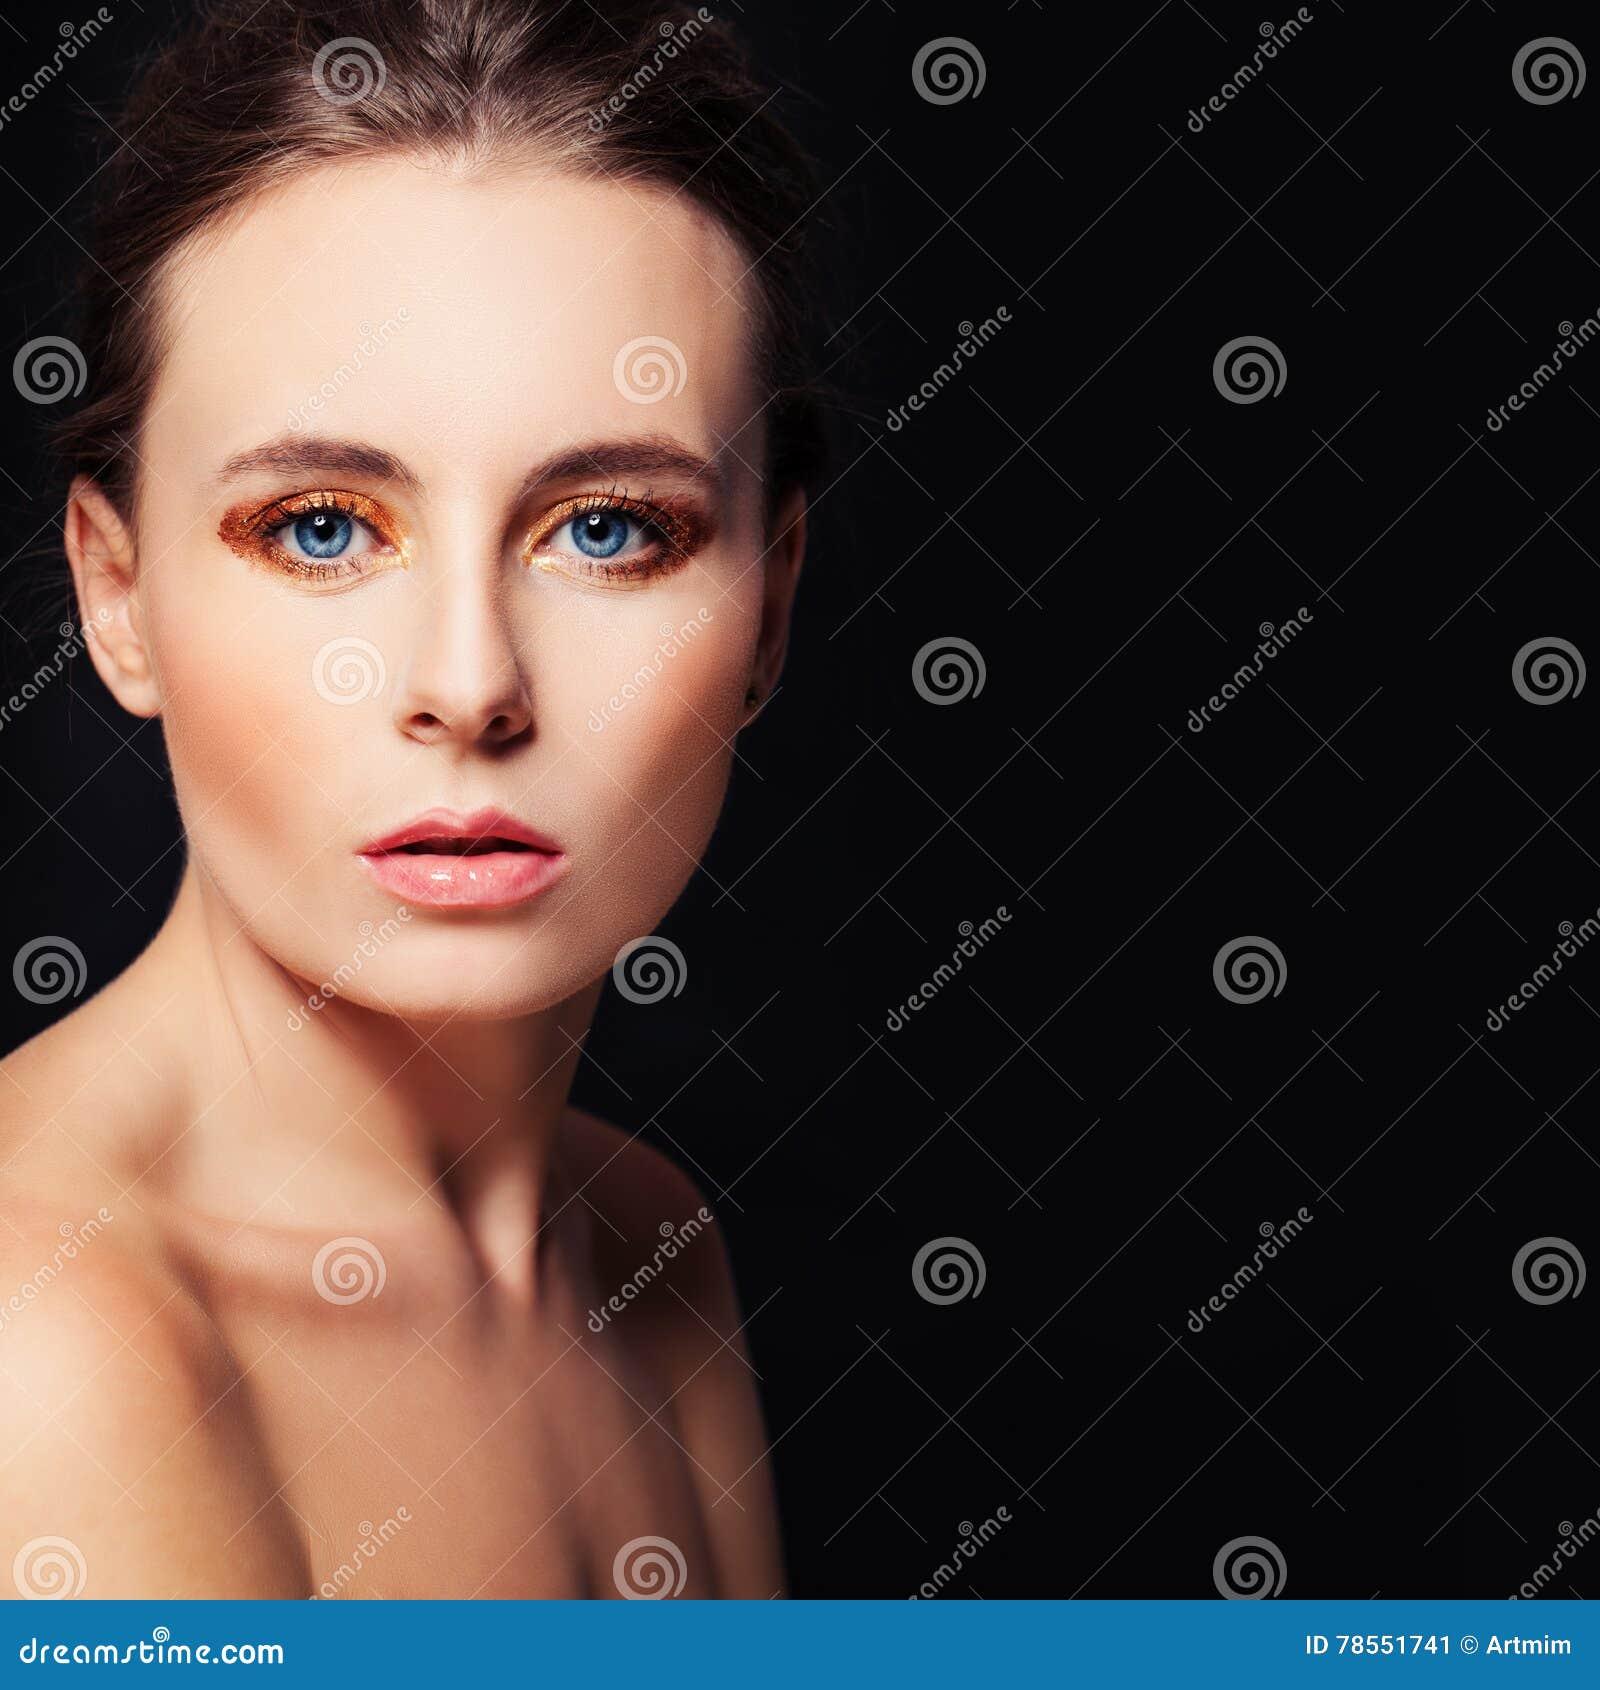 Perfektes Gesicht Auf Schwarzem Hintergrund Schöne Frau Stockbild